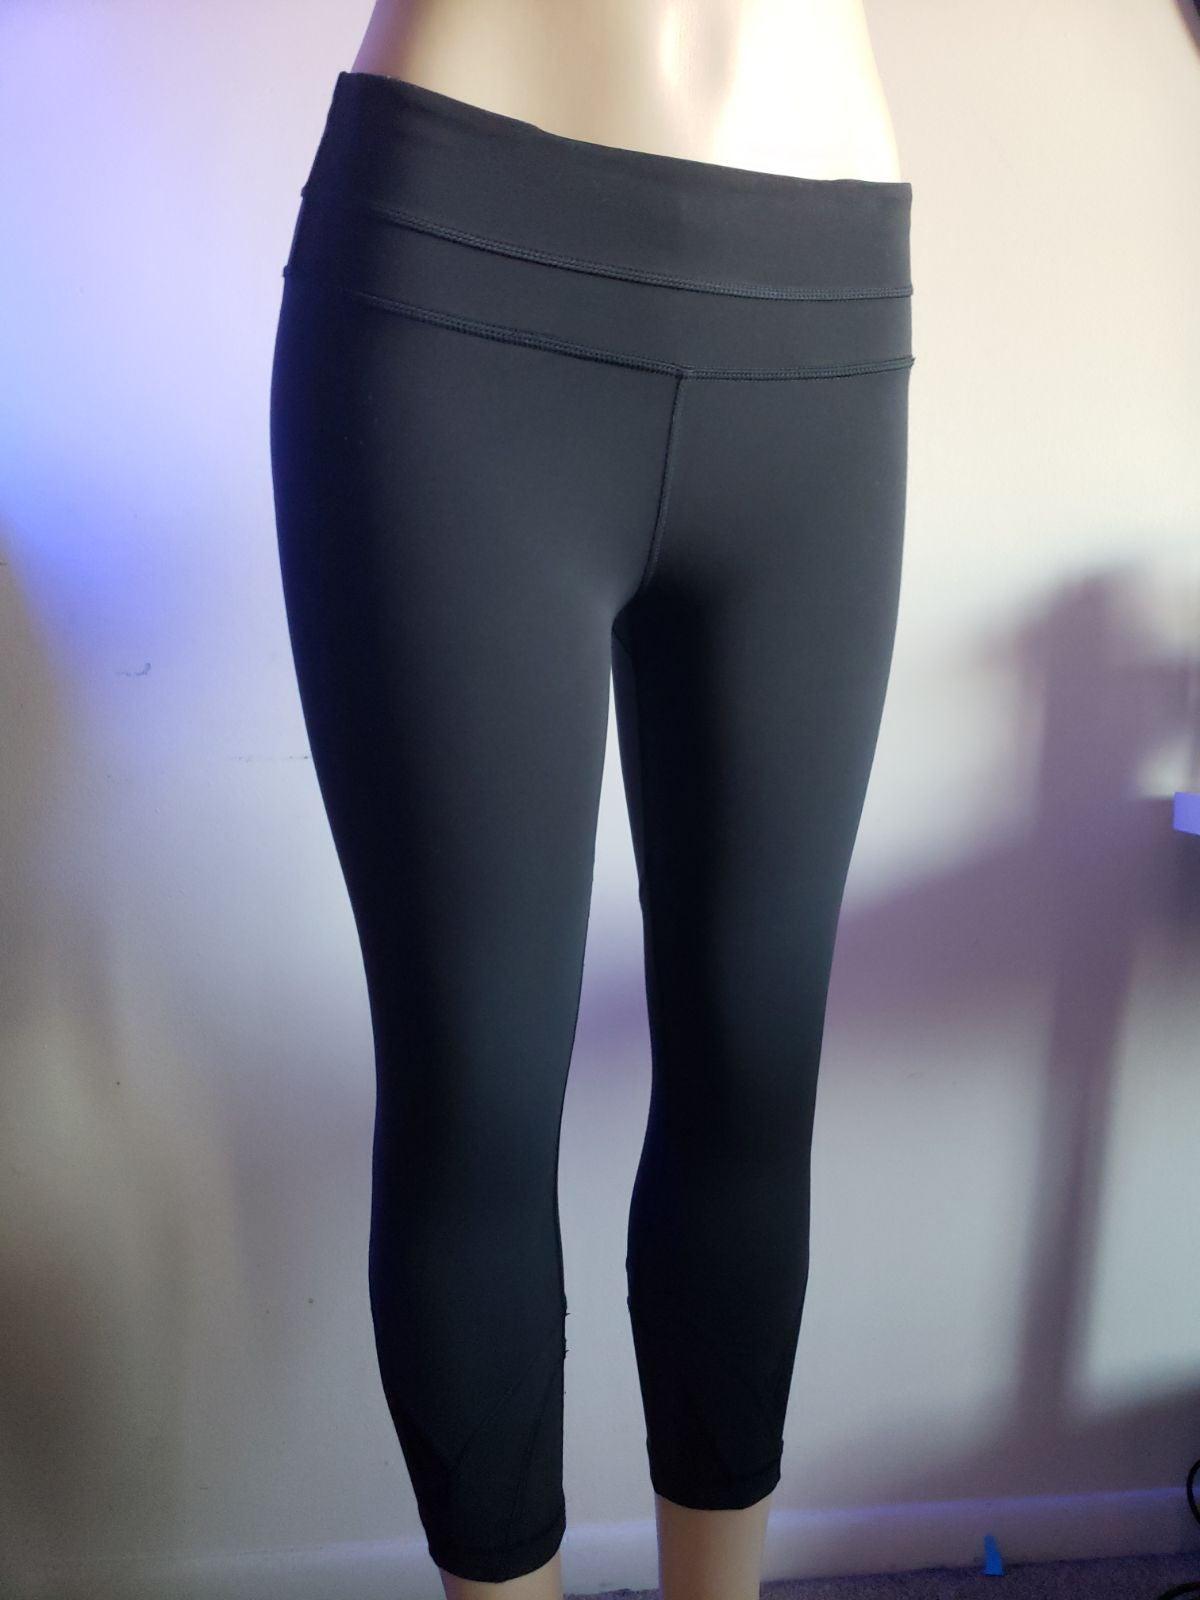 Lululemon Leggings High Rise Size 4